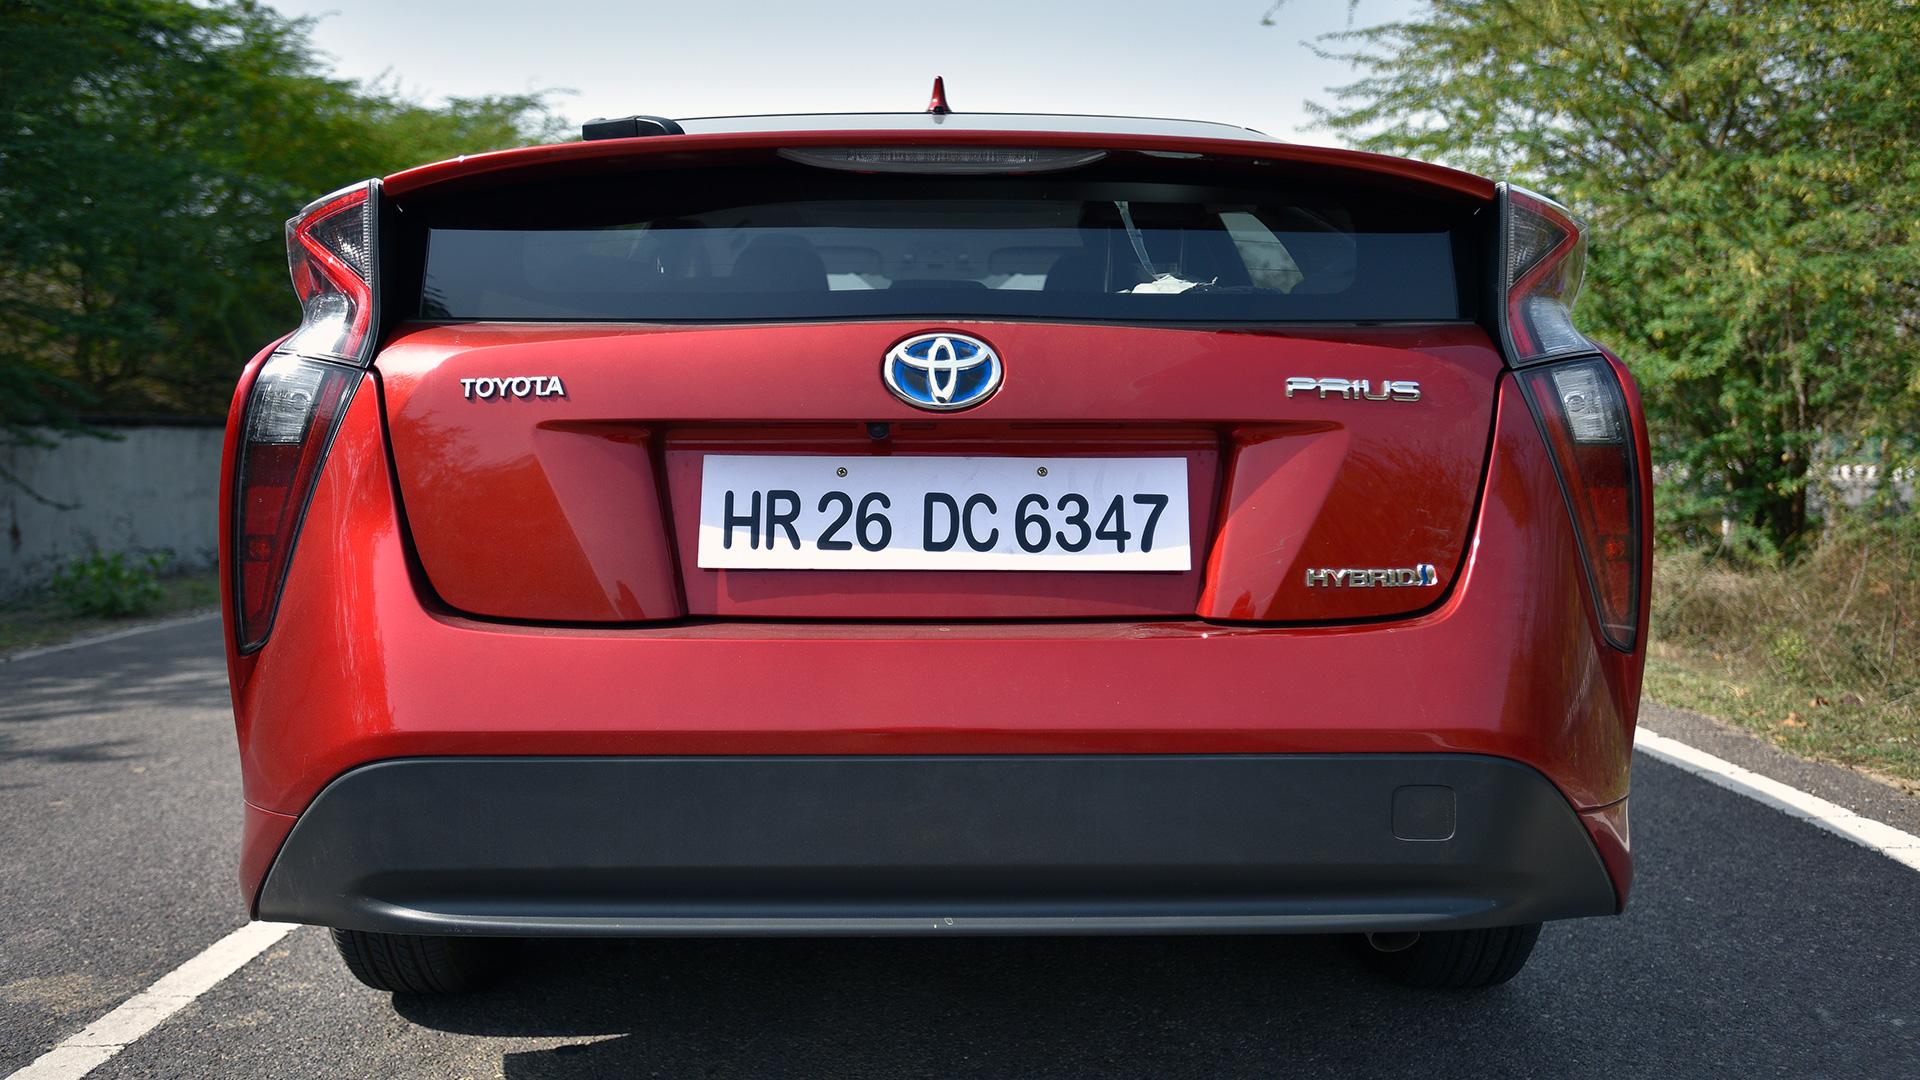 Toyota Prius 2017-1.8 Z8 Compare